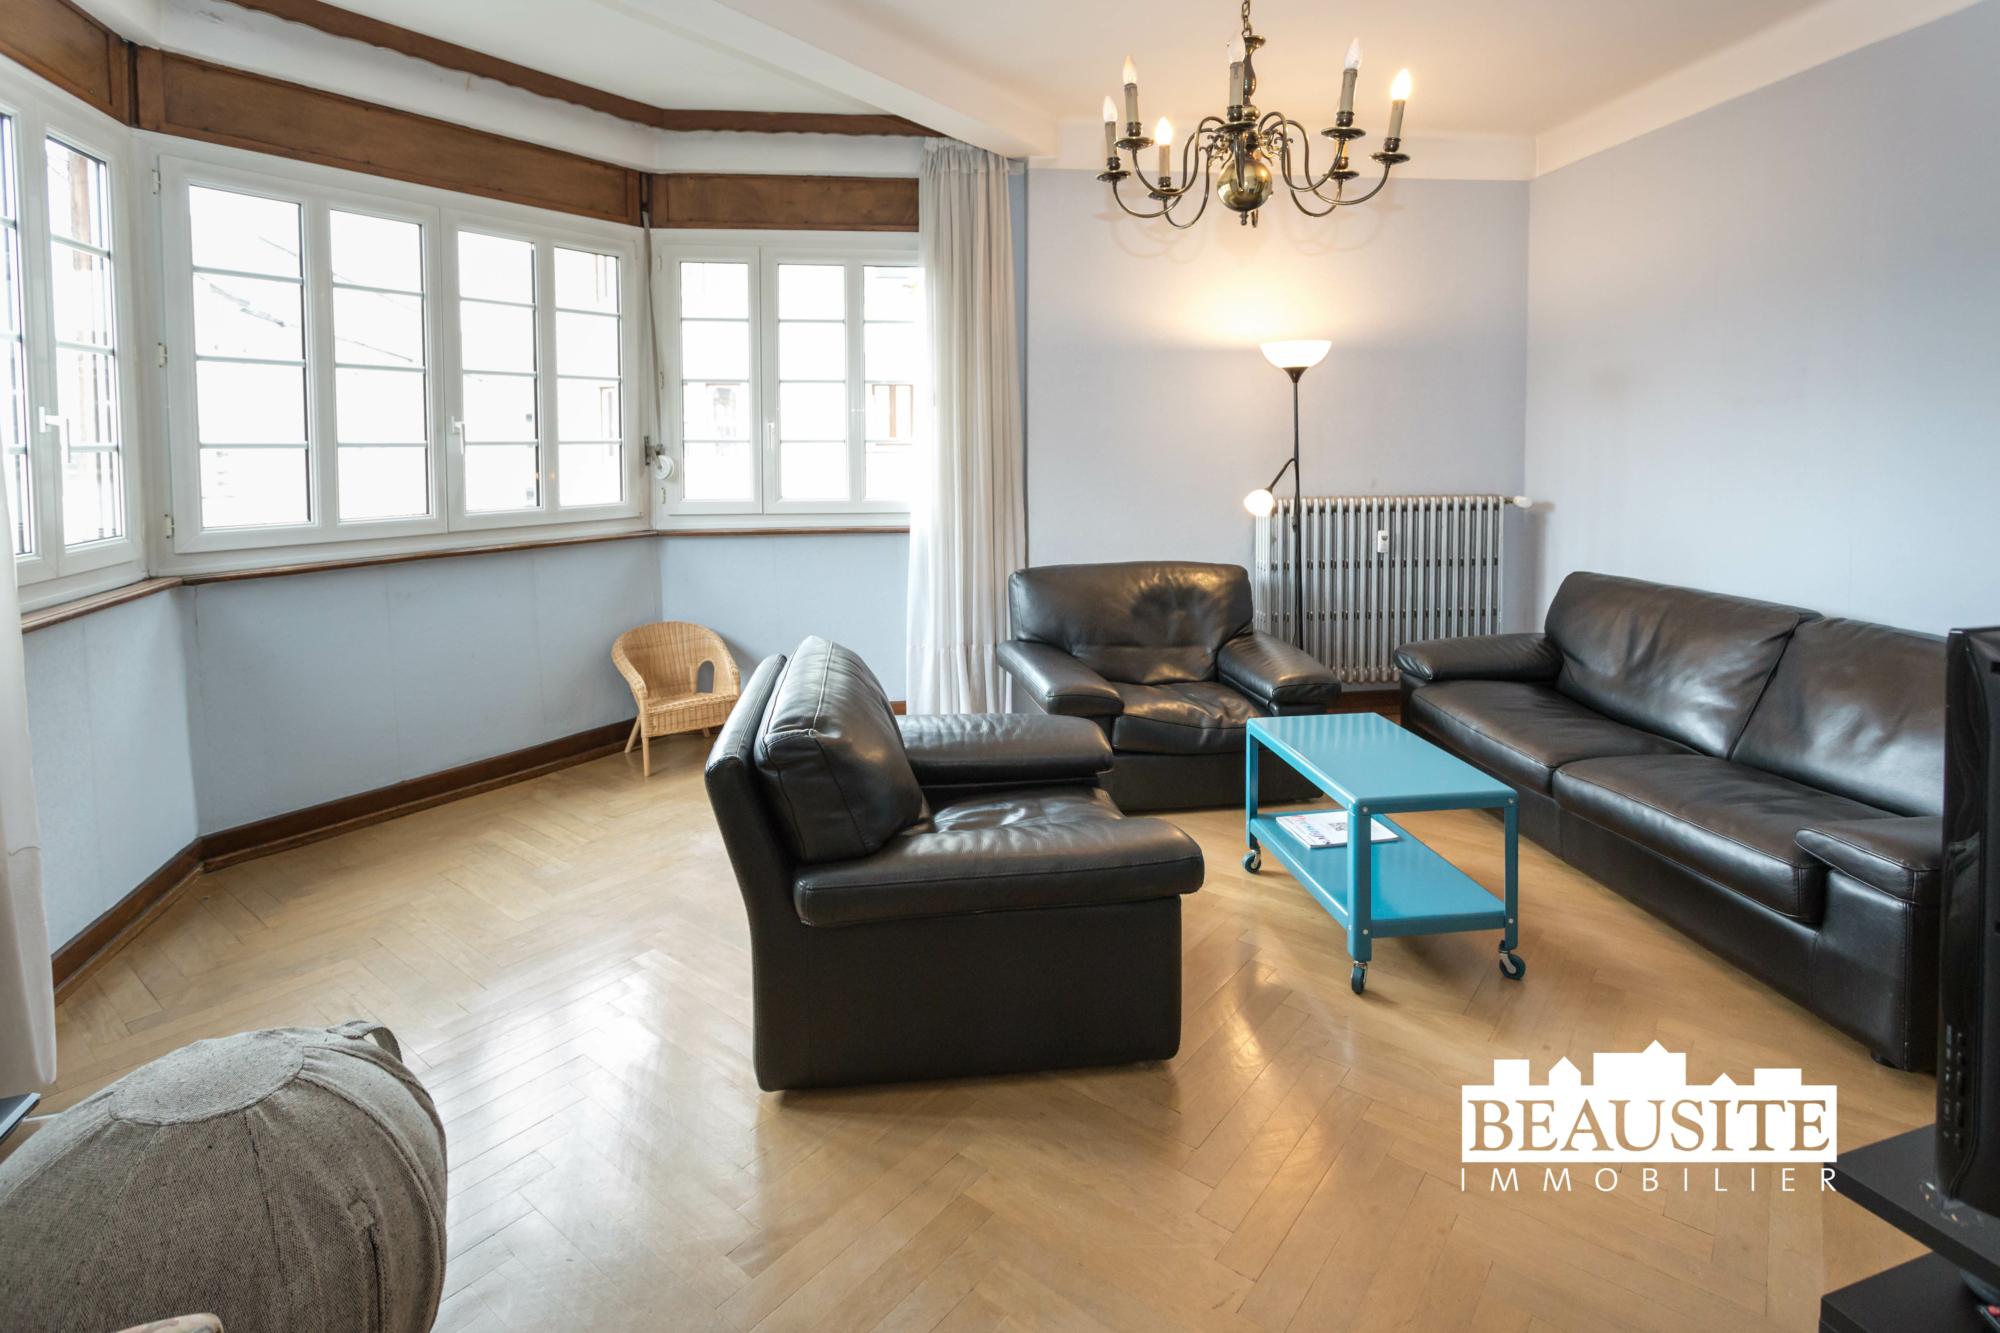 [Paquebot] Accostez dans un appartement à la vue sur la Cathédrale - Halles / rue de Bouxwiller - nos ventes - Beausite Immobilier 3